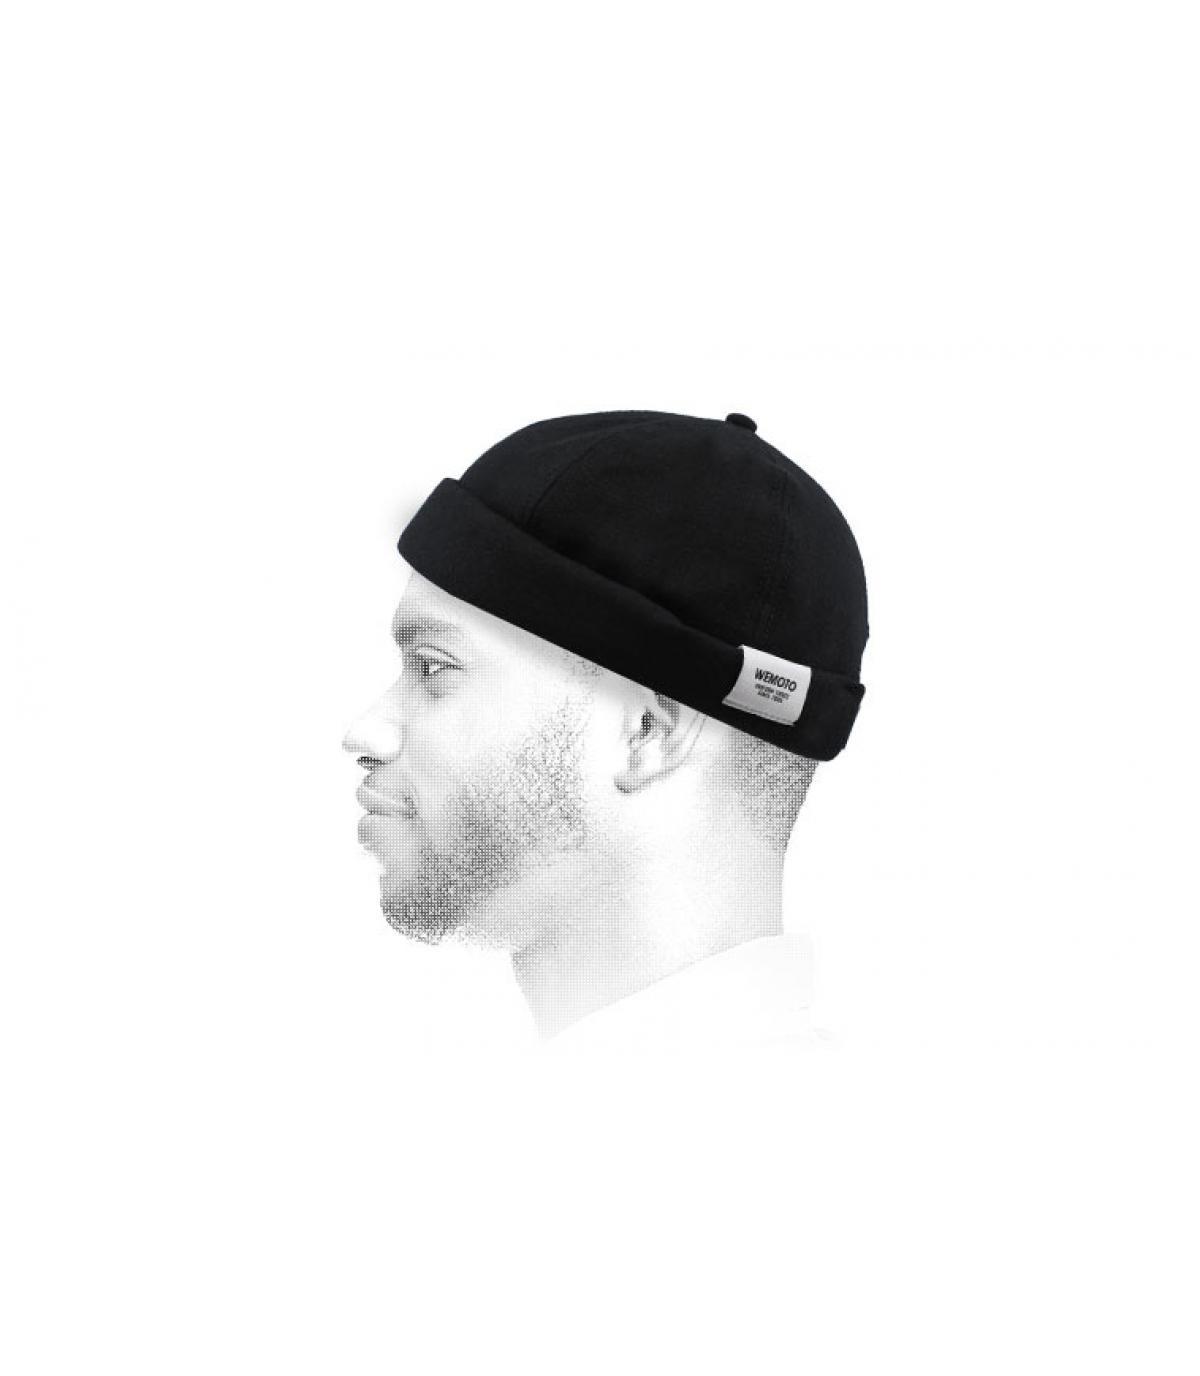 cappello docker nero Wemoto